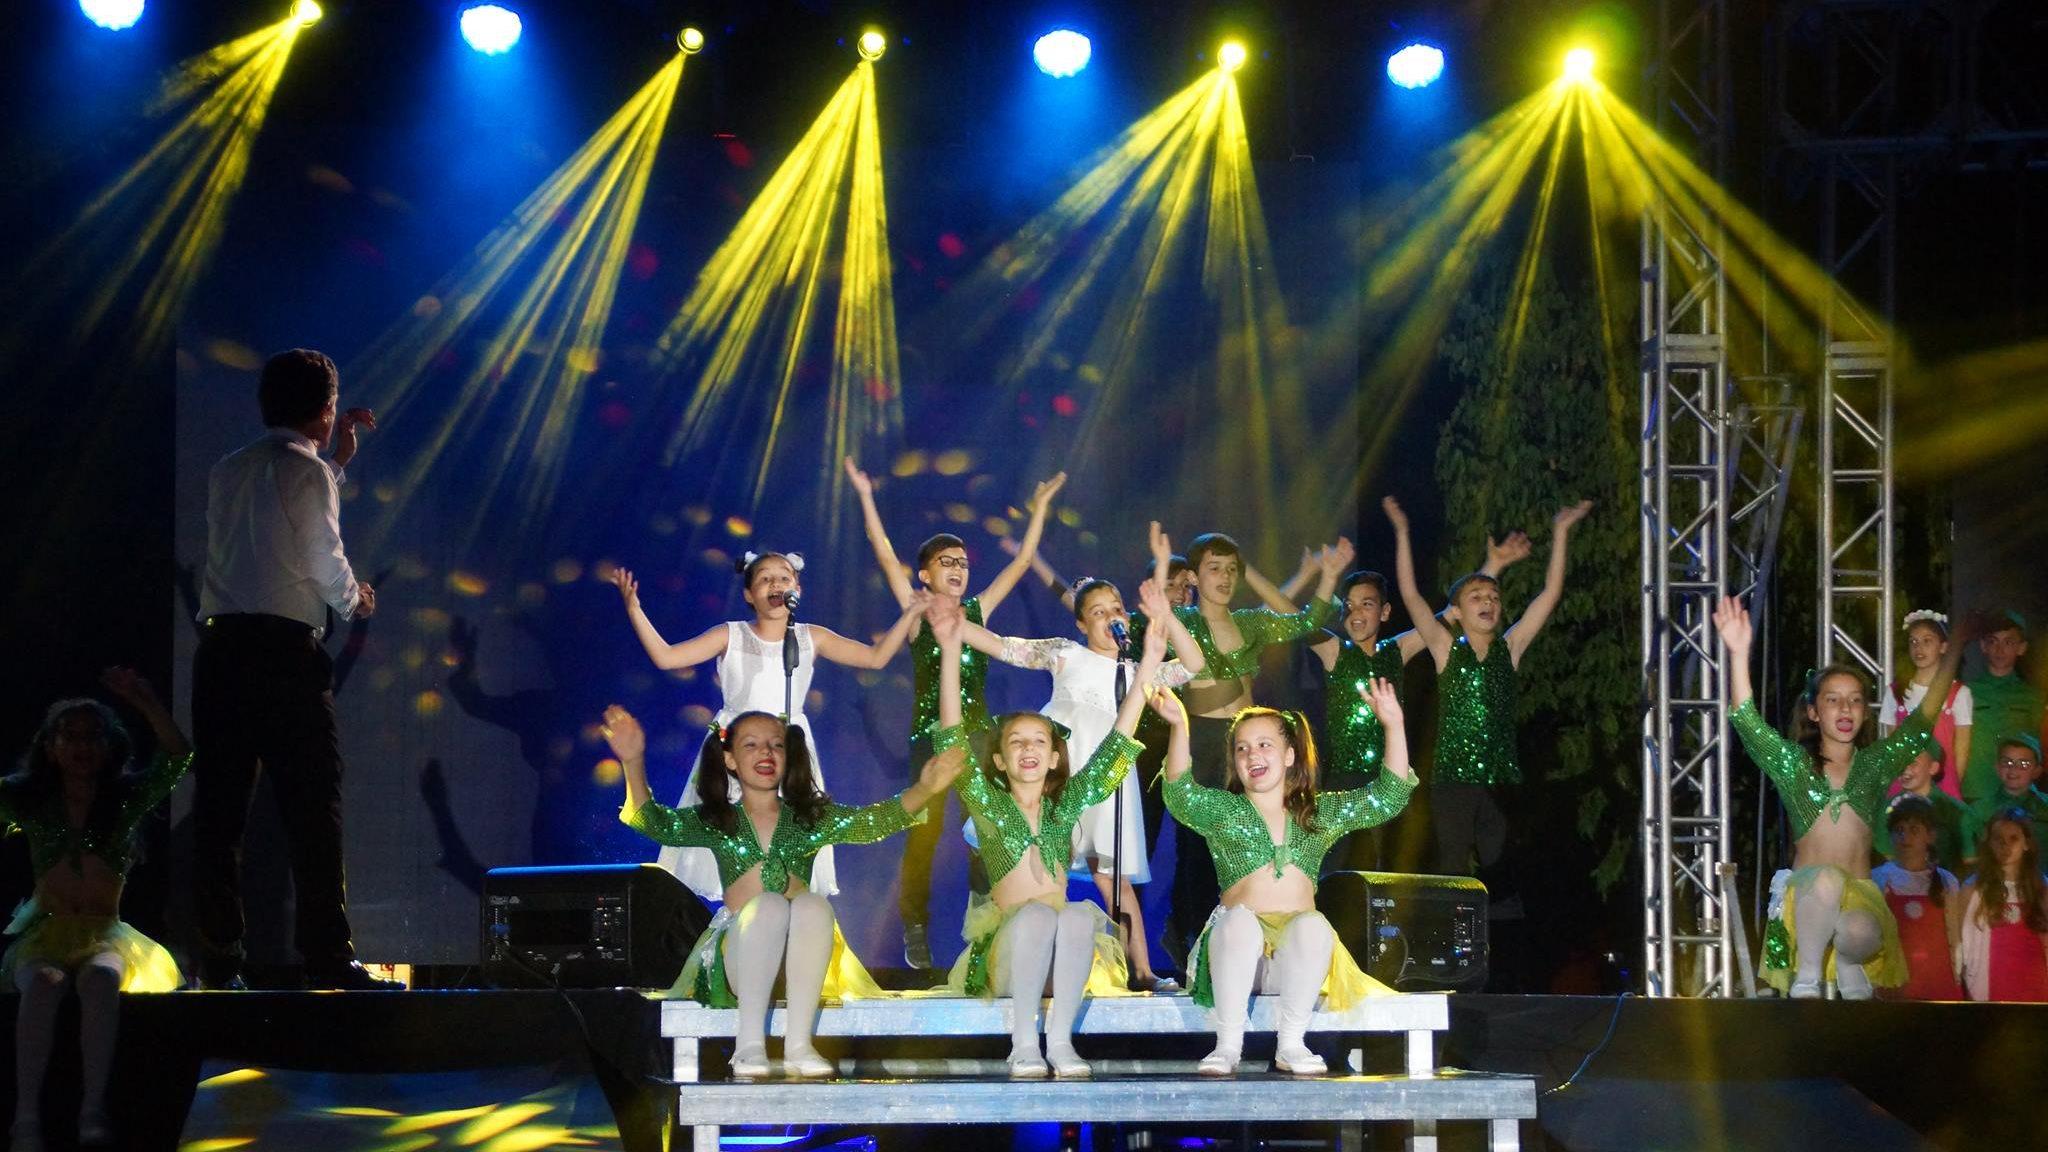 Festivali Mbarëkombëtar i Këngës për Fëmijë